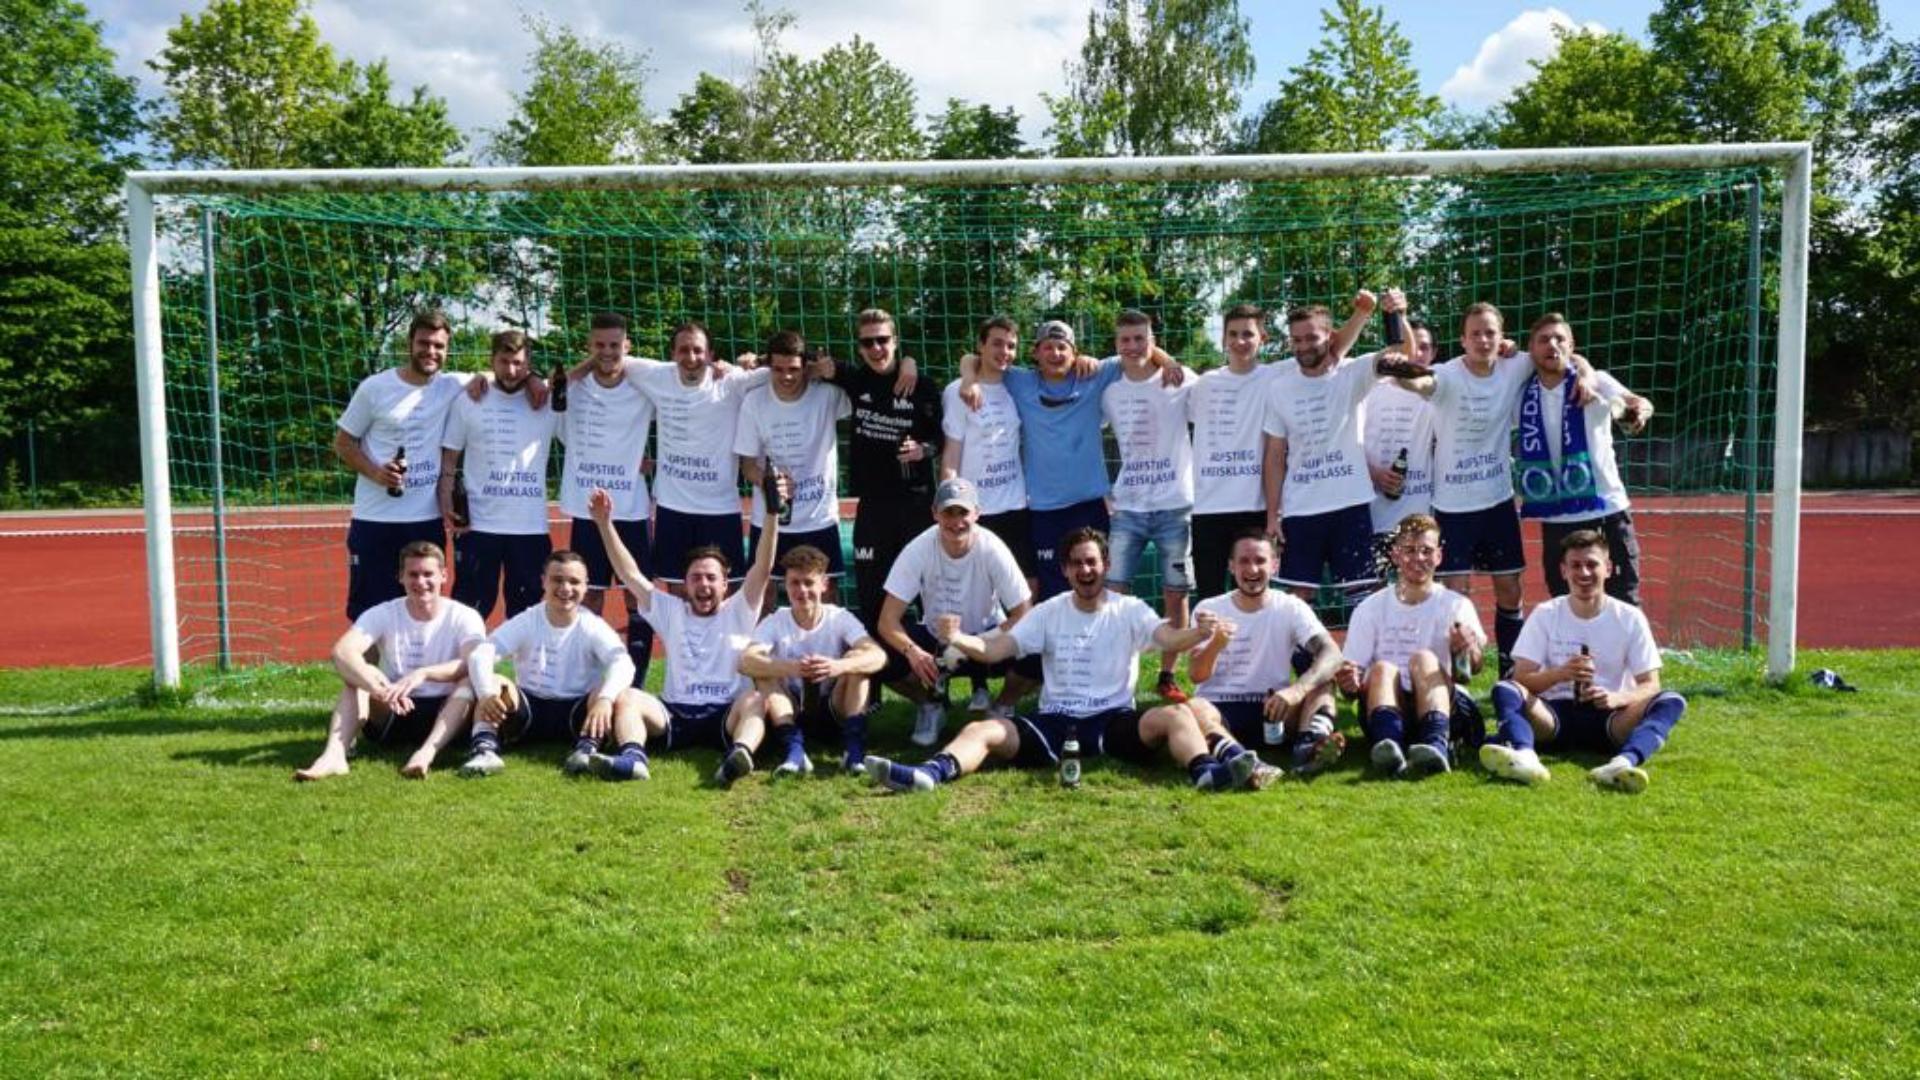 Sv Djk Taufkirchen Fußball